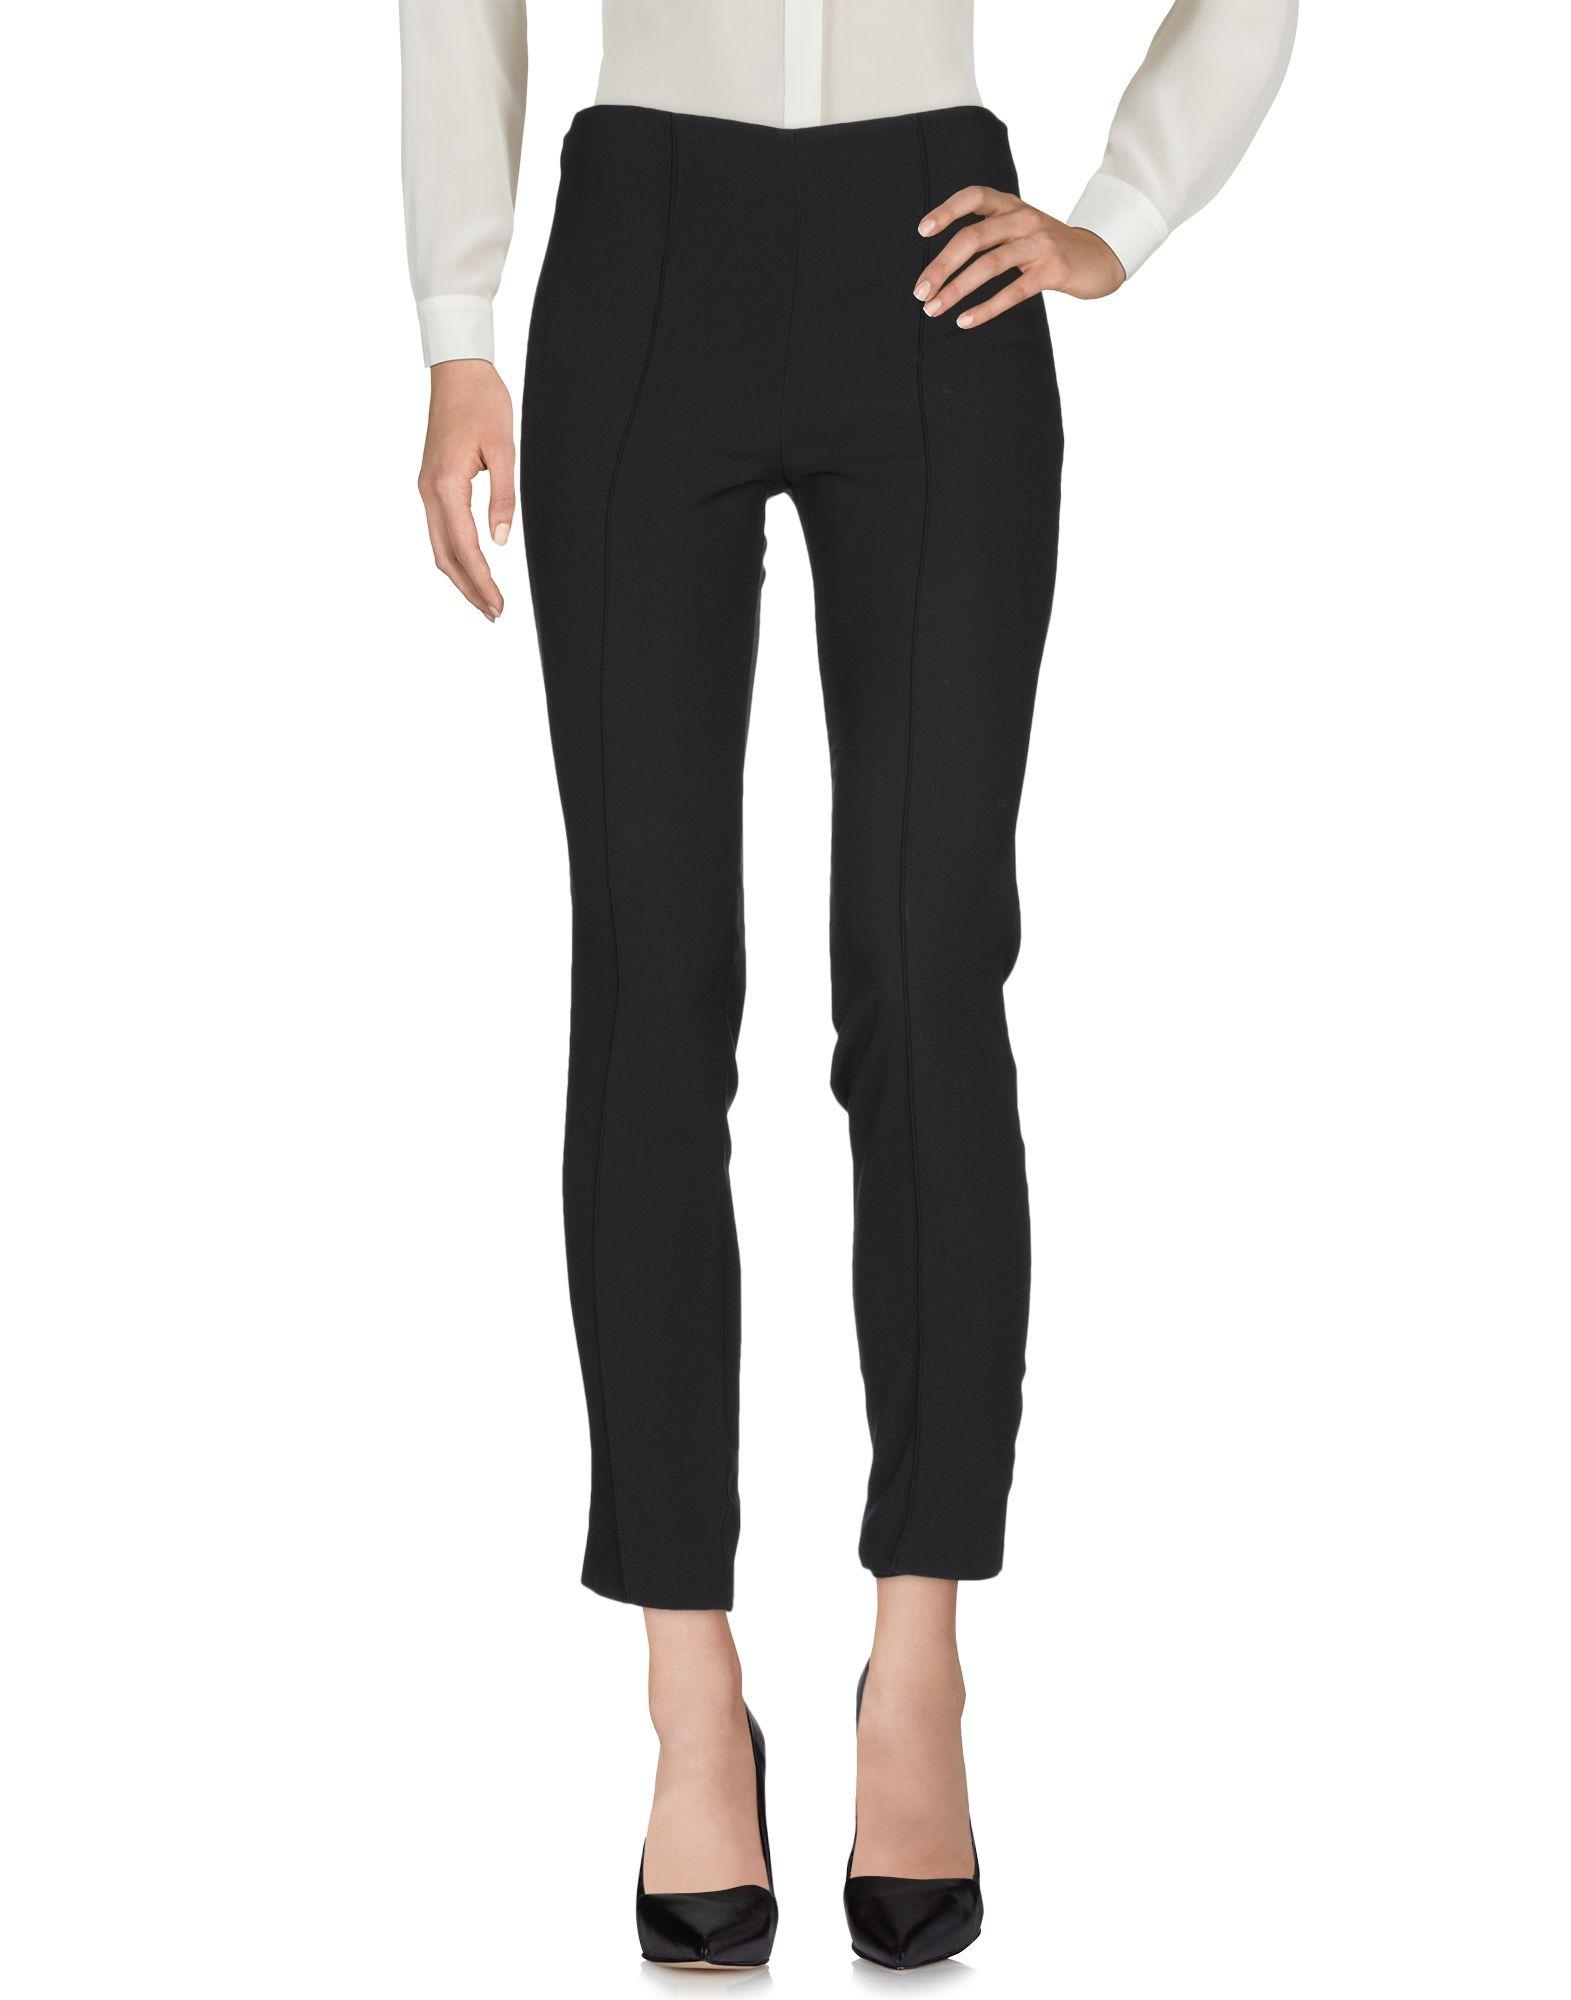 BEATRICE. B Повседневные брюки мужские повседневные брюки белья шелк смесь брюки плюс размер штаны брюки ореховый c159